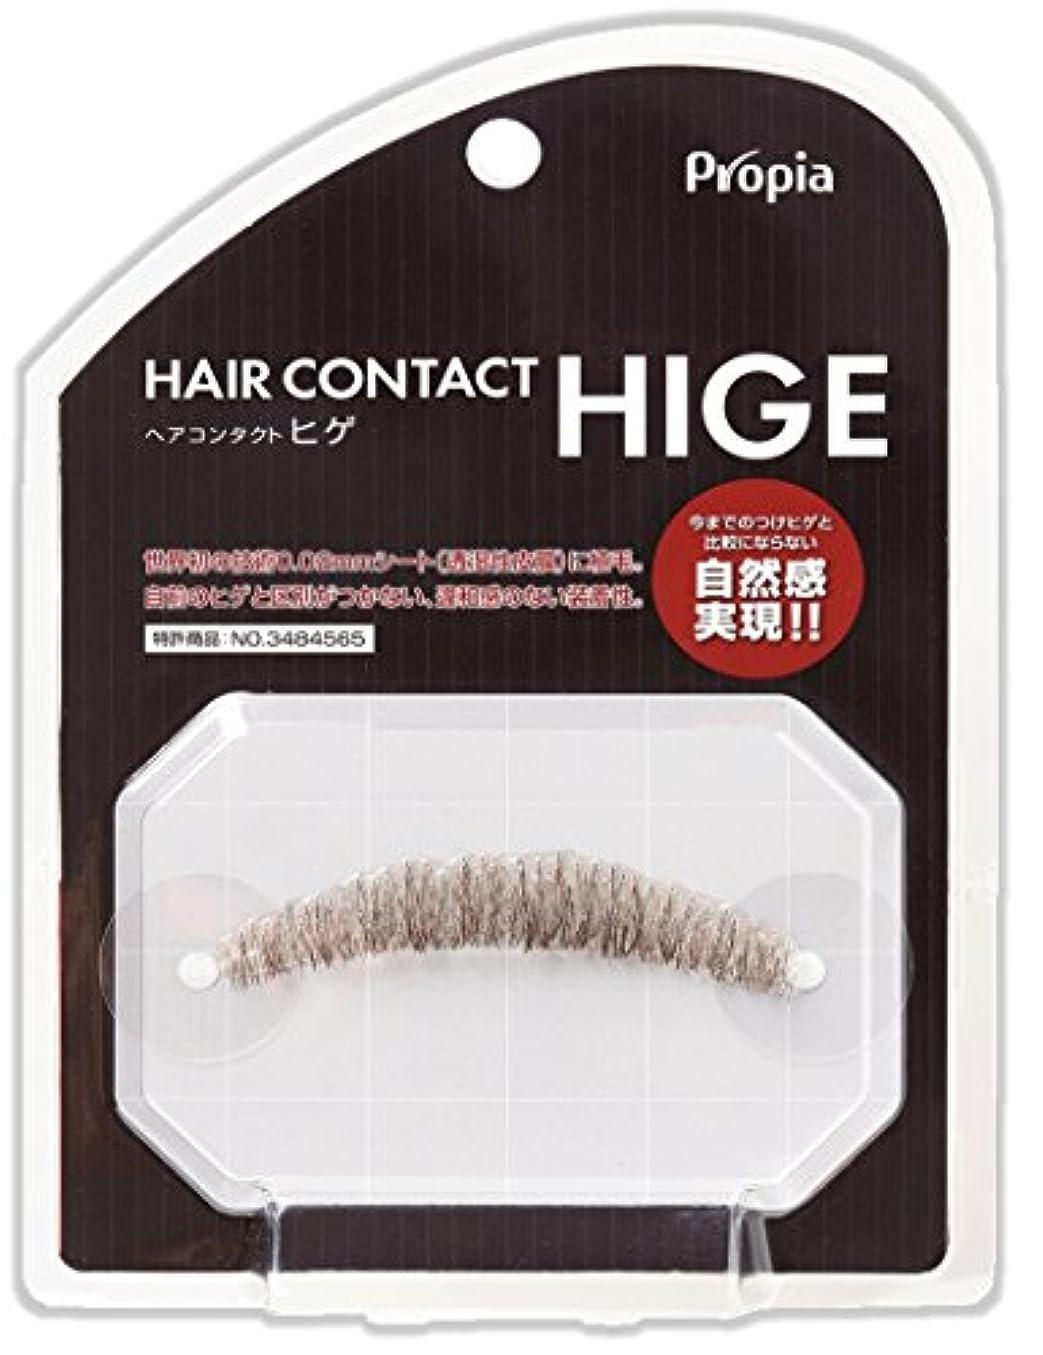 誇張プール委員会HAIR CONTACT HIGE クチヒゲ ピラミダル